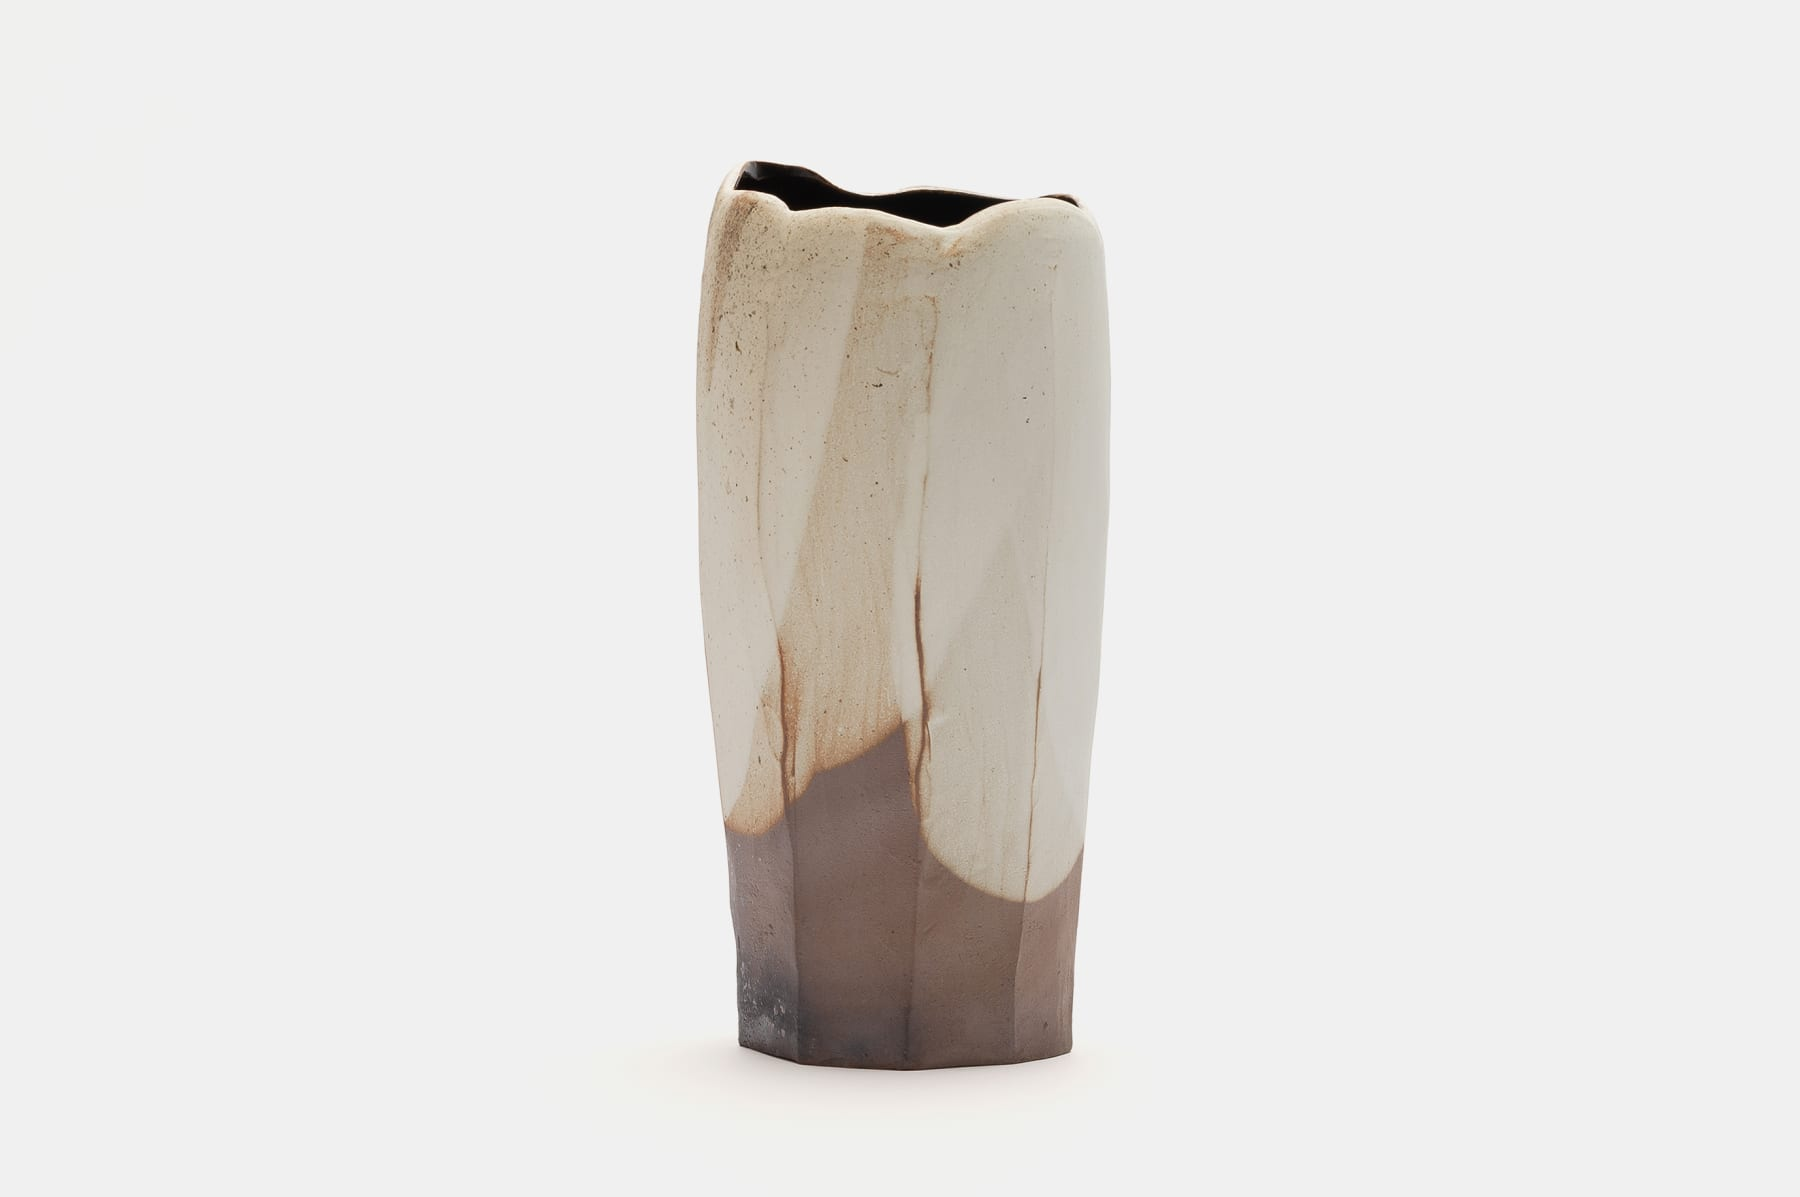 Hosai Matsubayashi XVI, Kohiki Vase 粉引 花器, 2019